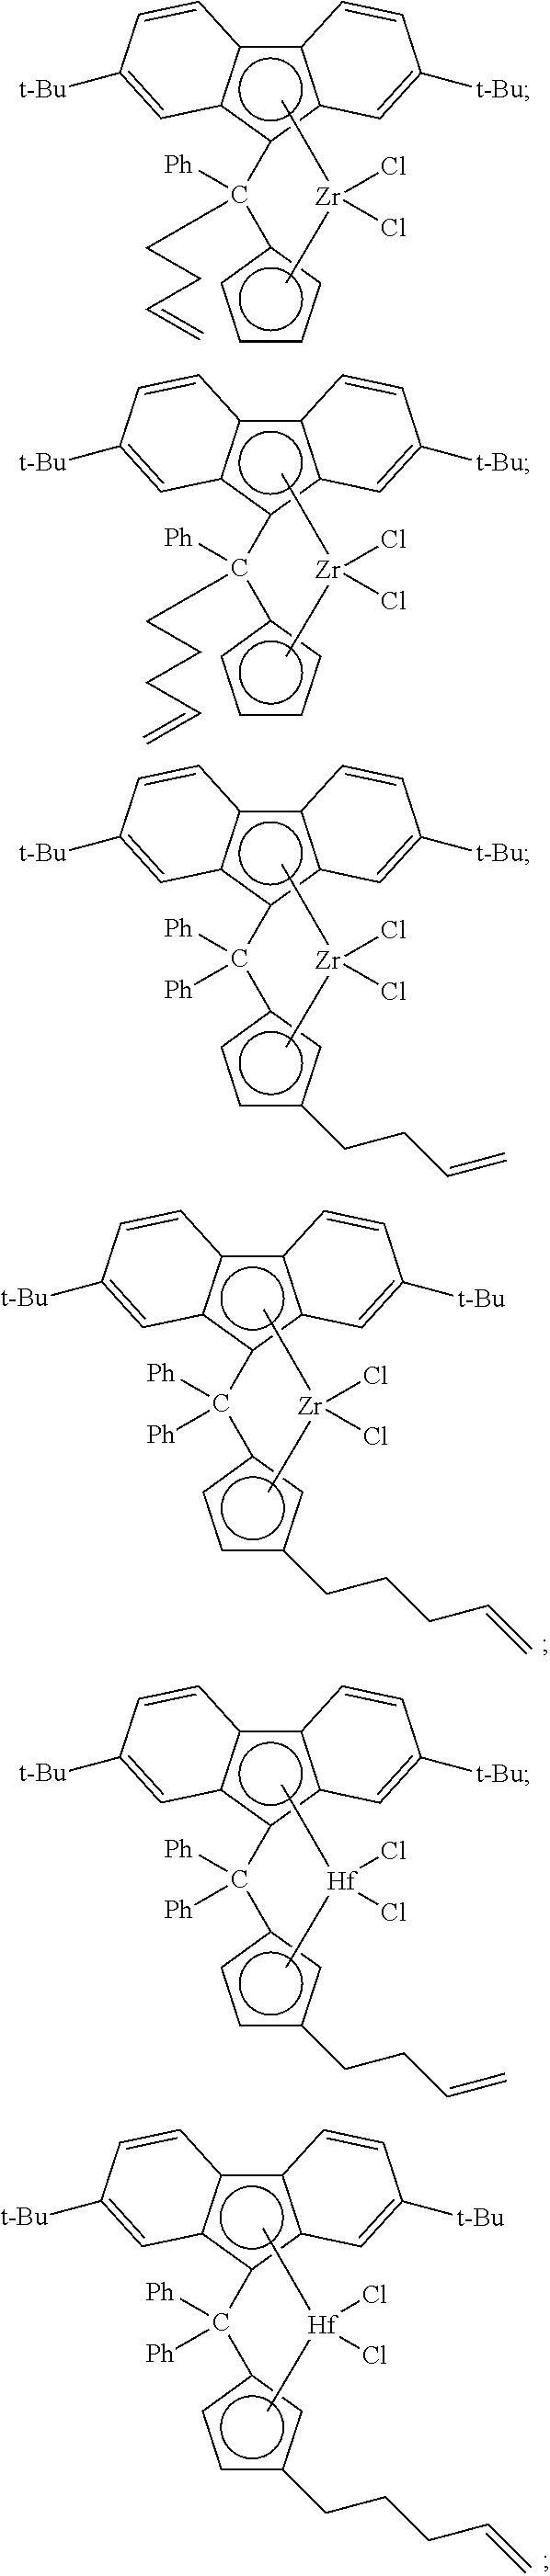 Figure US08450436-20130528-C00007